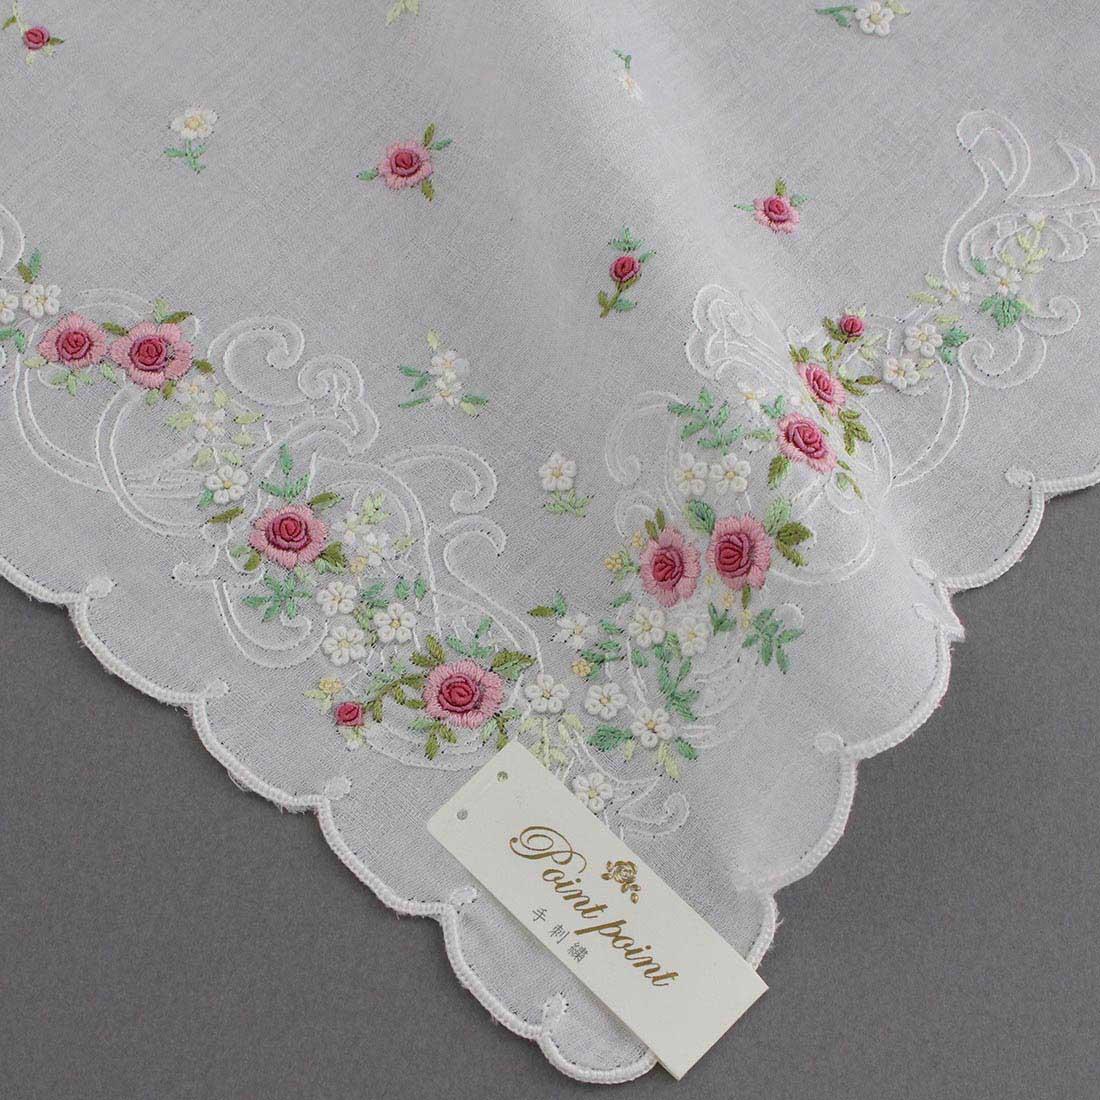 【送料無料】ベトナム手刺繍ハンカチ 花 2216 ホワイト/ピンク